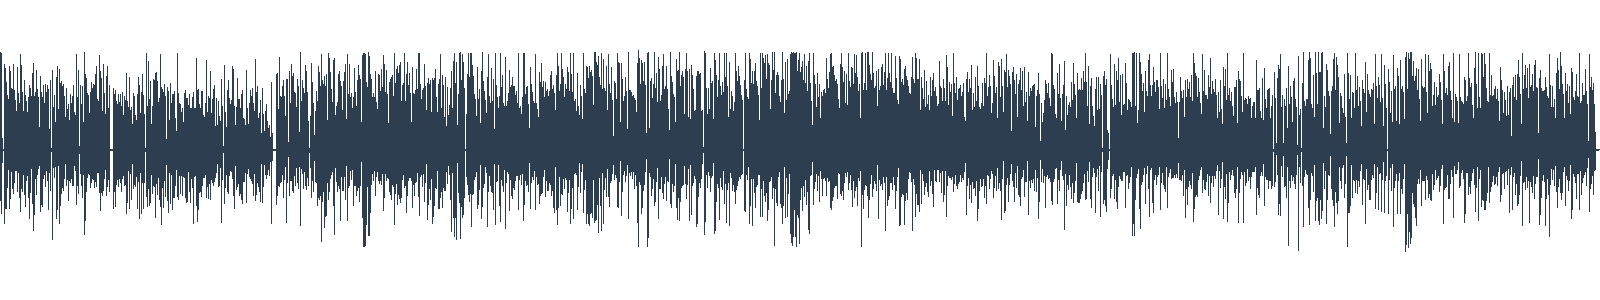 Dominik Dán - Cela číslo 17 waveform